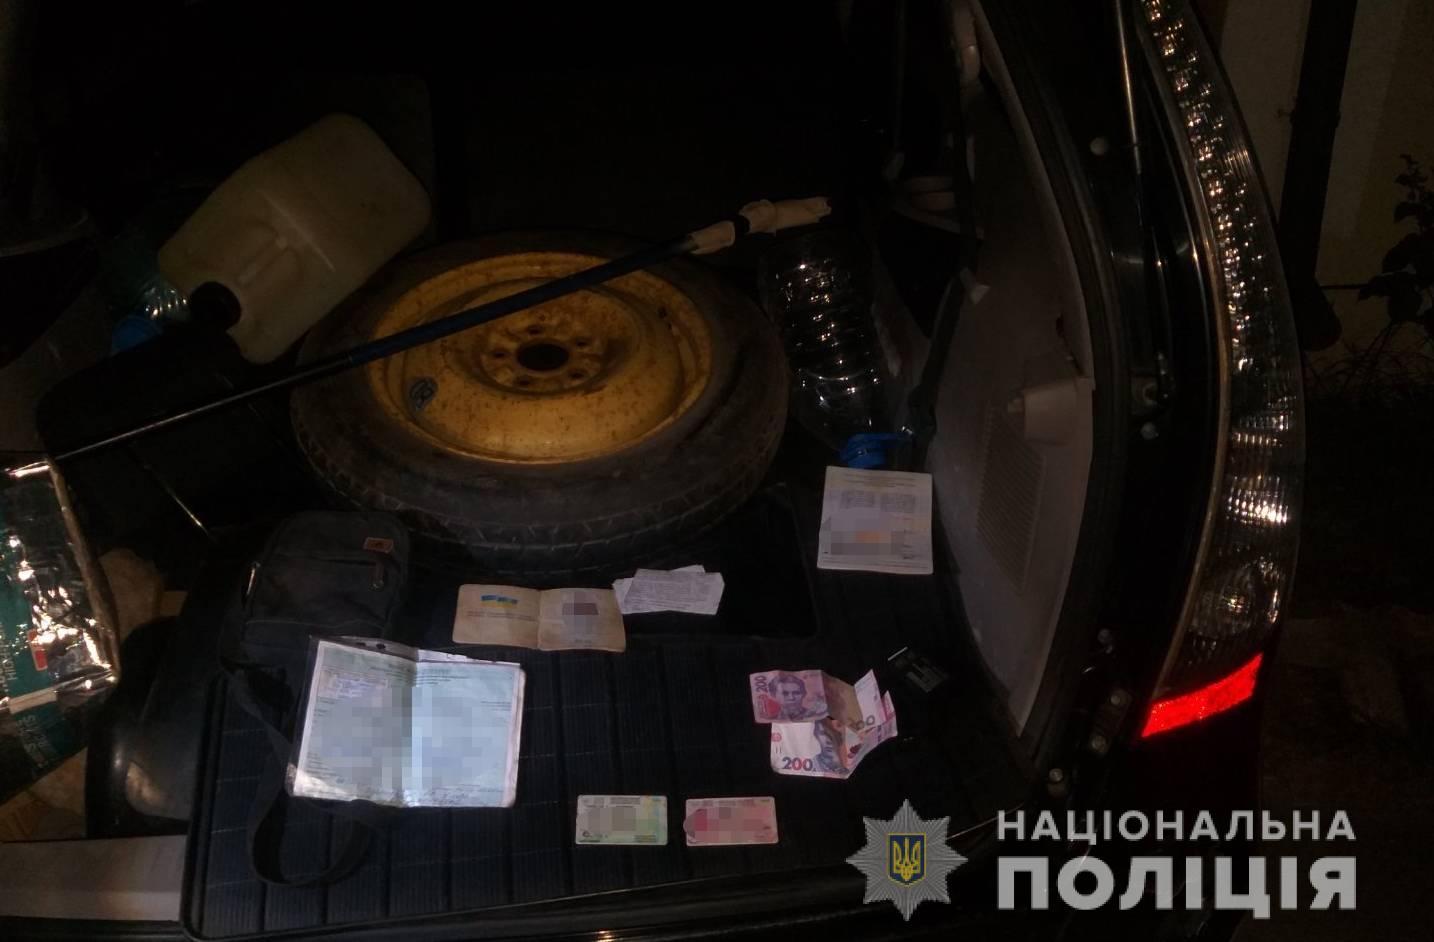 Четверо грабіжників напали на мешканця Берегова – побили, відібрали сумку з грошима і пошкодили авто